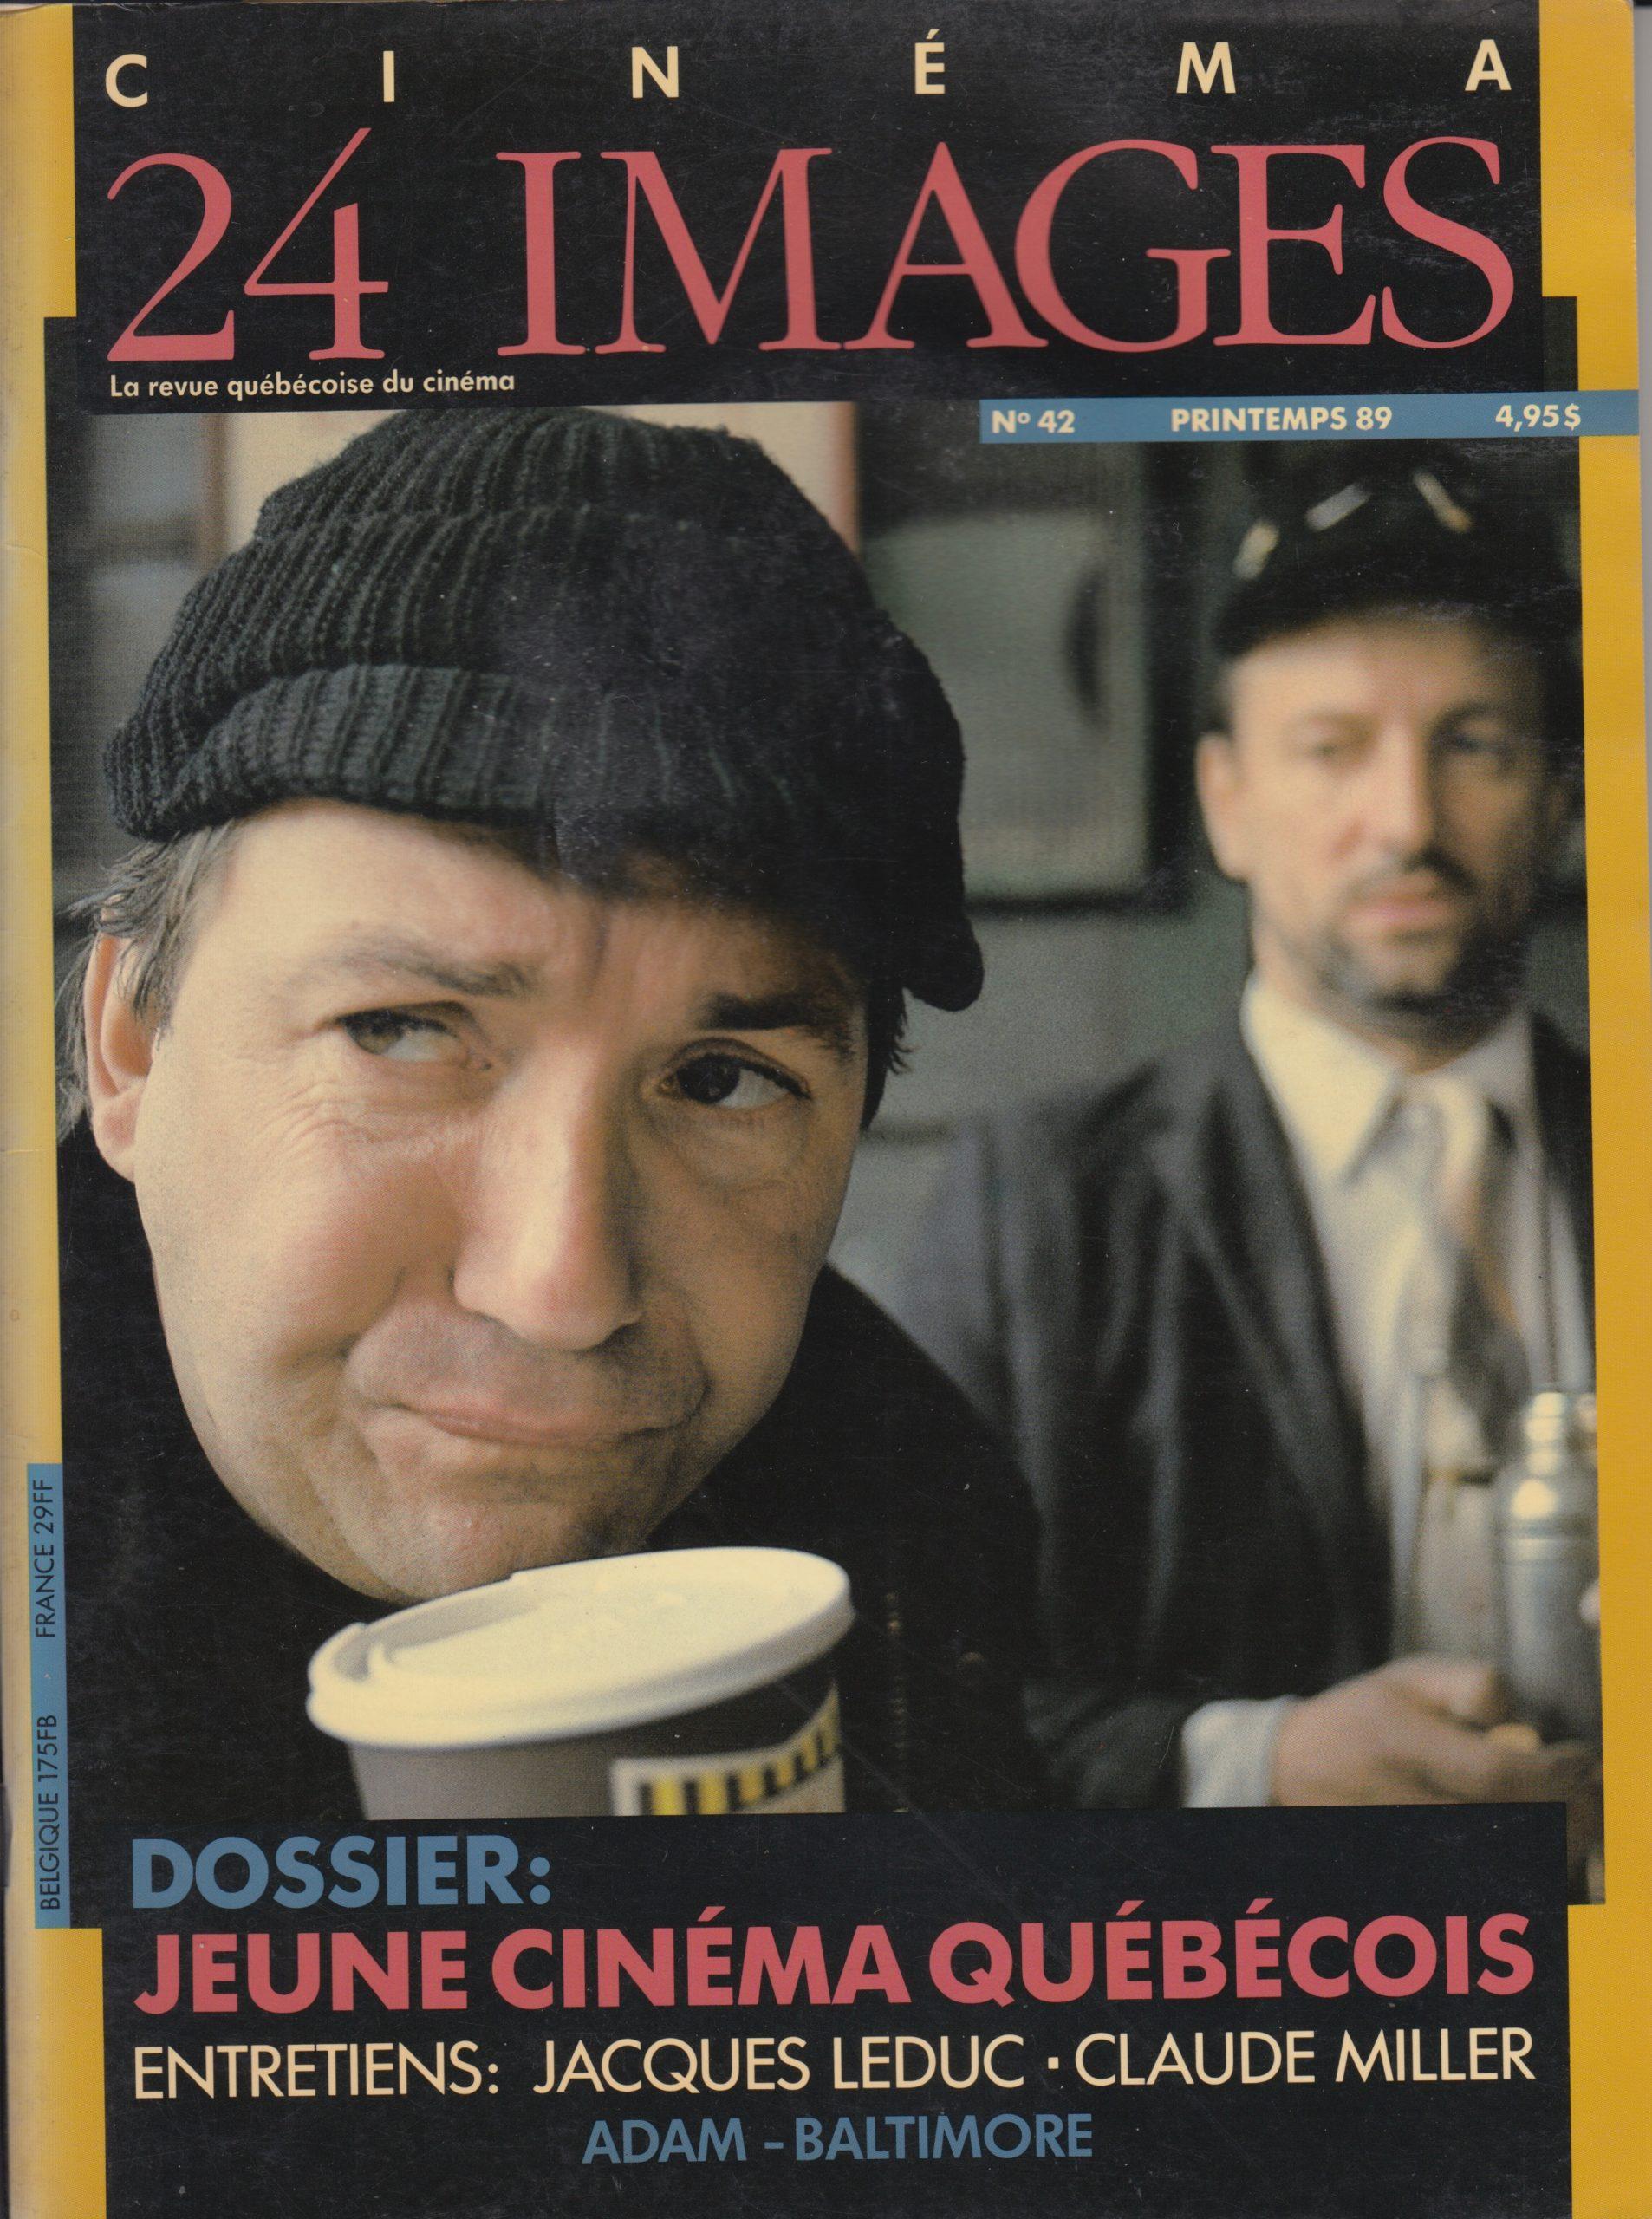 Chronique vidéo, Revue Cinéma 24 images, 1989-1992